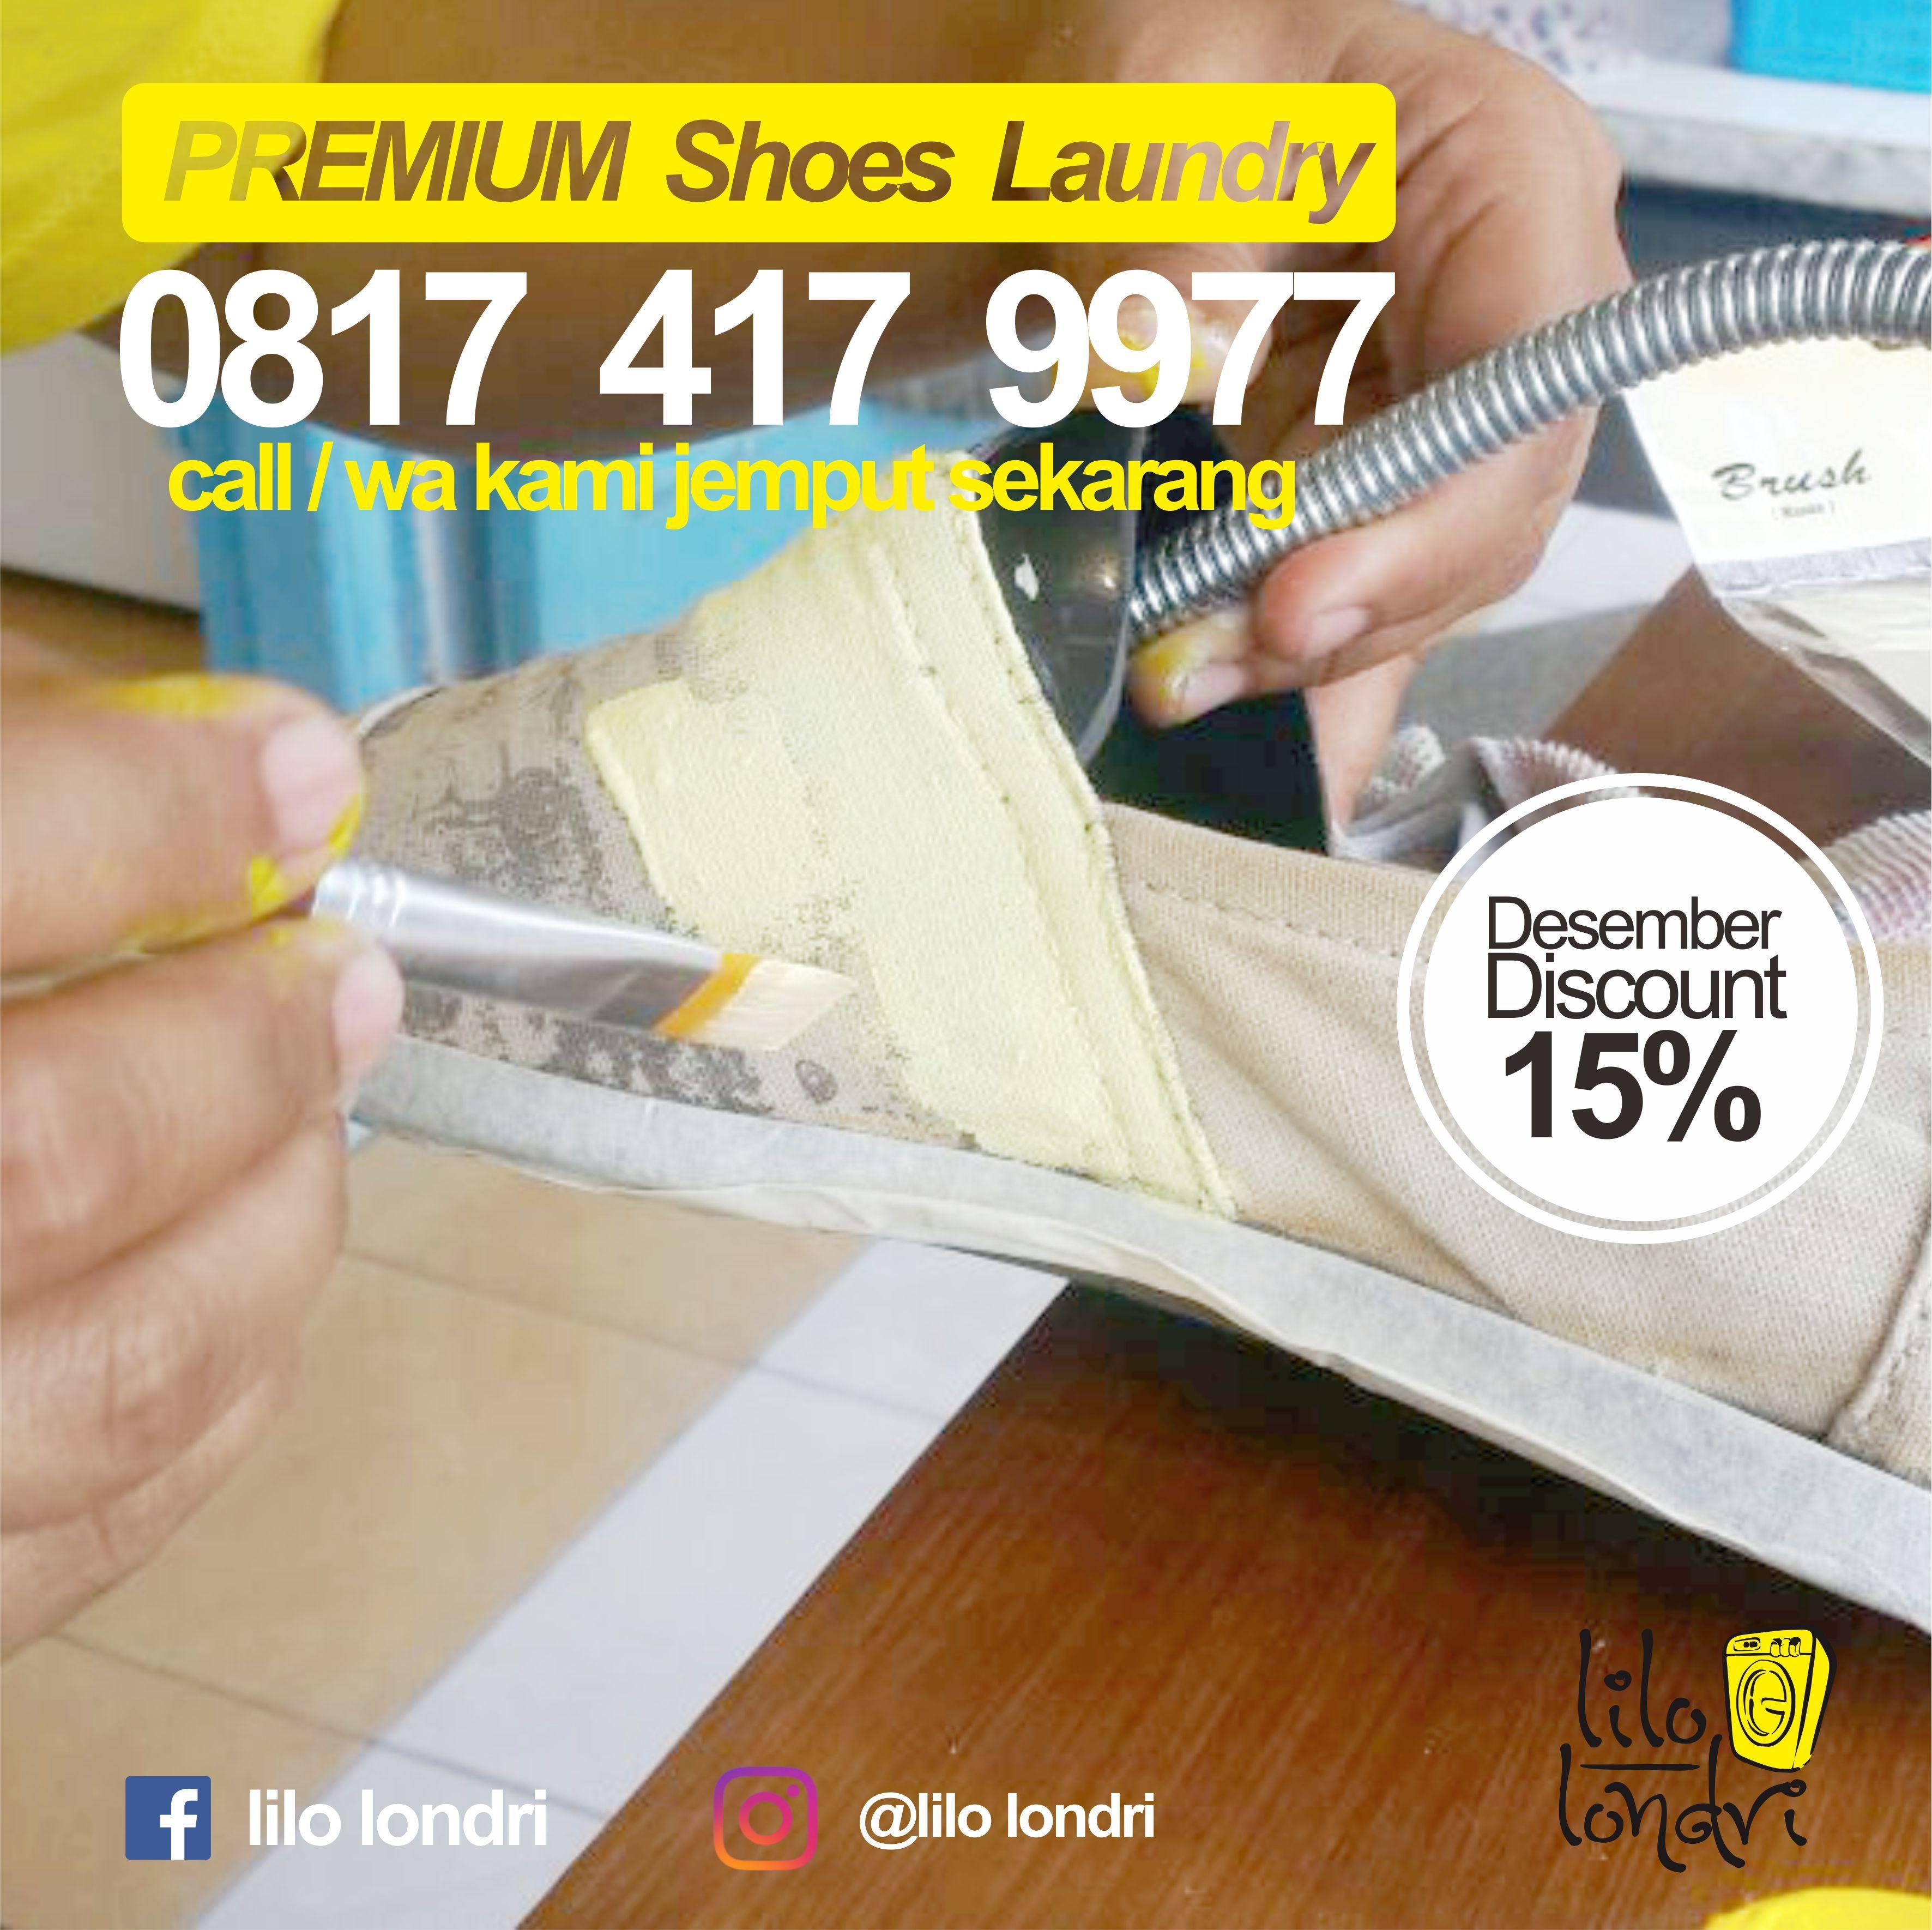 Laundry Sepatu Semarang, Alamat Laundry Sepatu Di Semarang